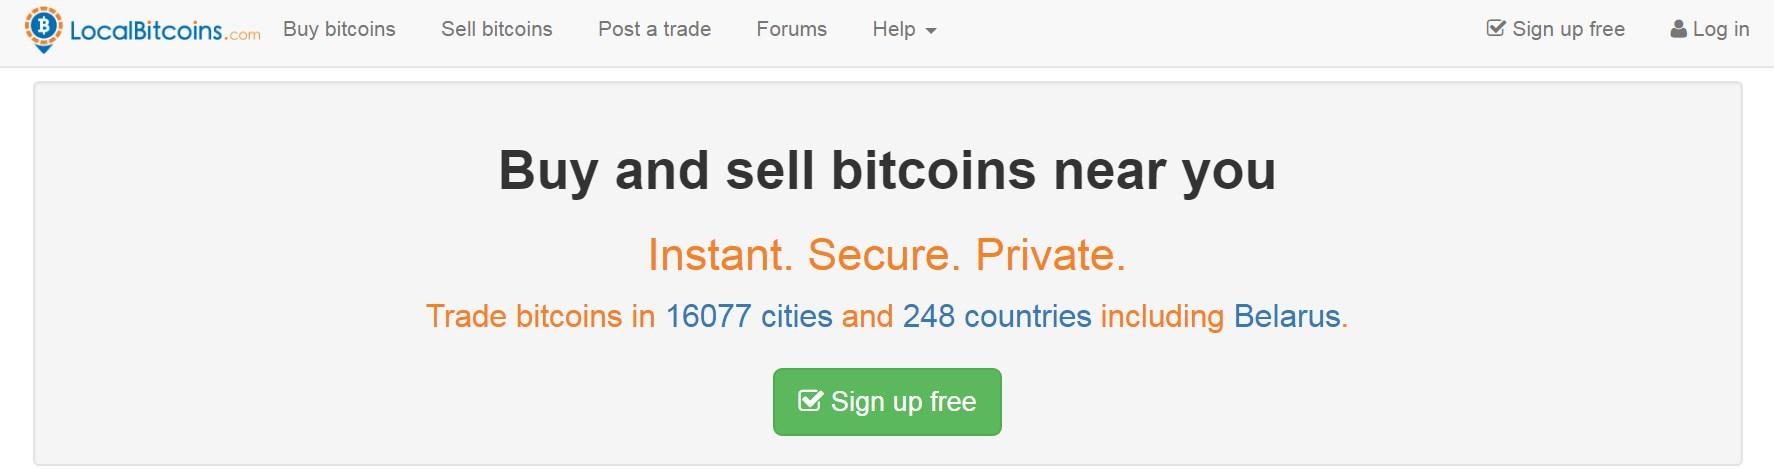 Kā tirdzniecība bitcoin izmantojot coinbase. Kā Tirdzniecība Bitcoin Par Ripple Uz Coinbase -